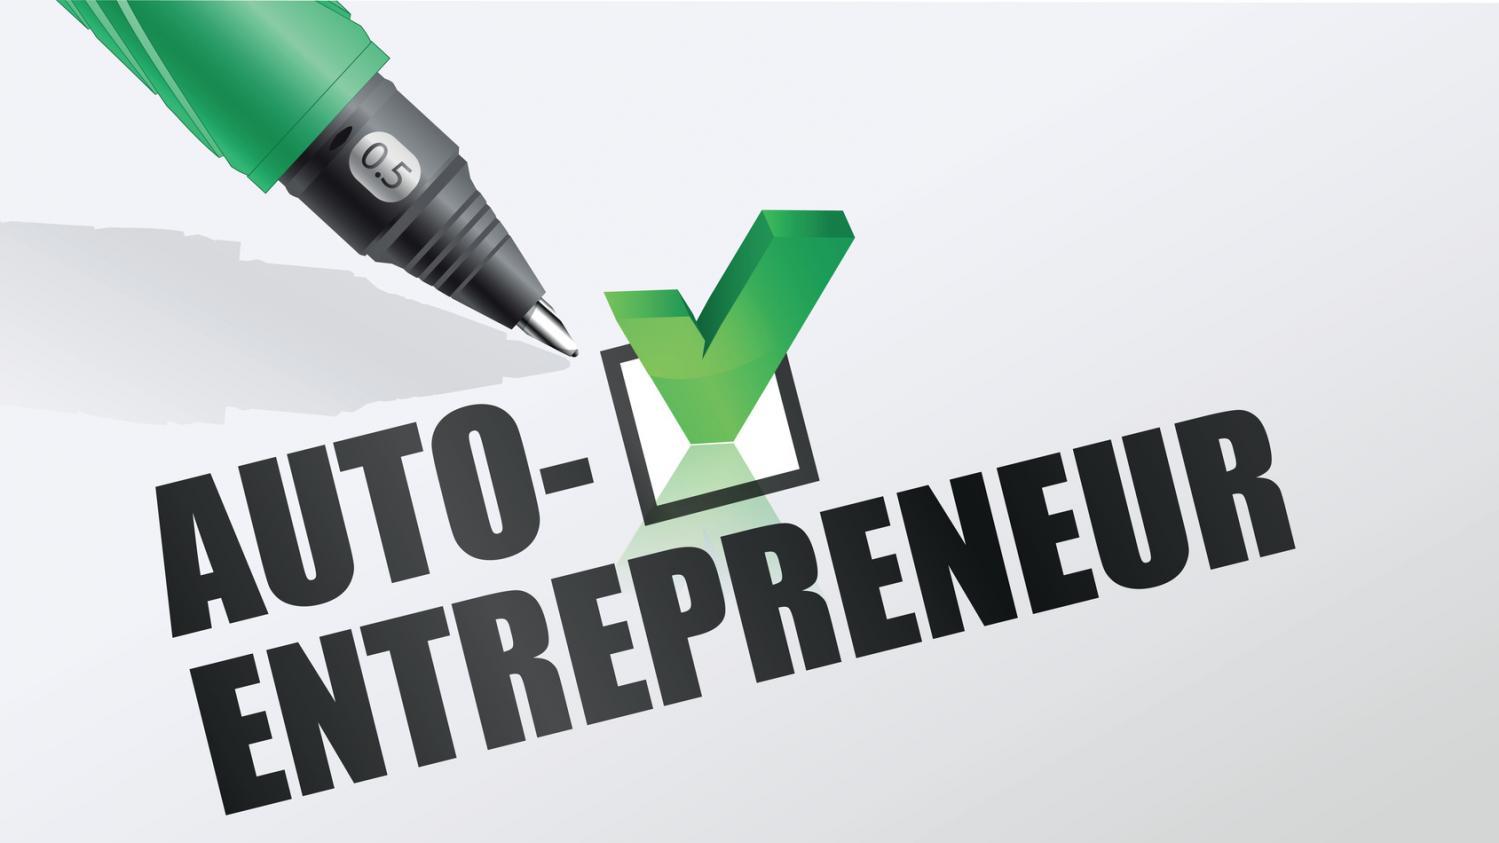 Comment l'état encourage-t-il les auto-entrepreneurs ?